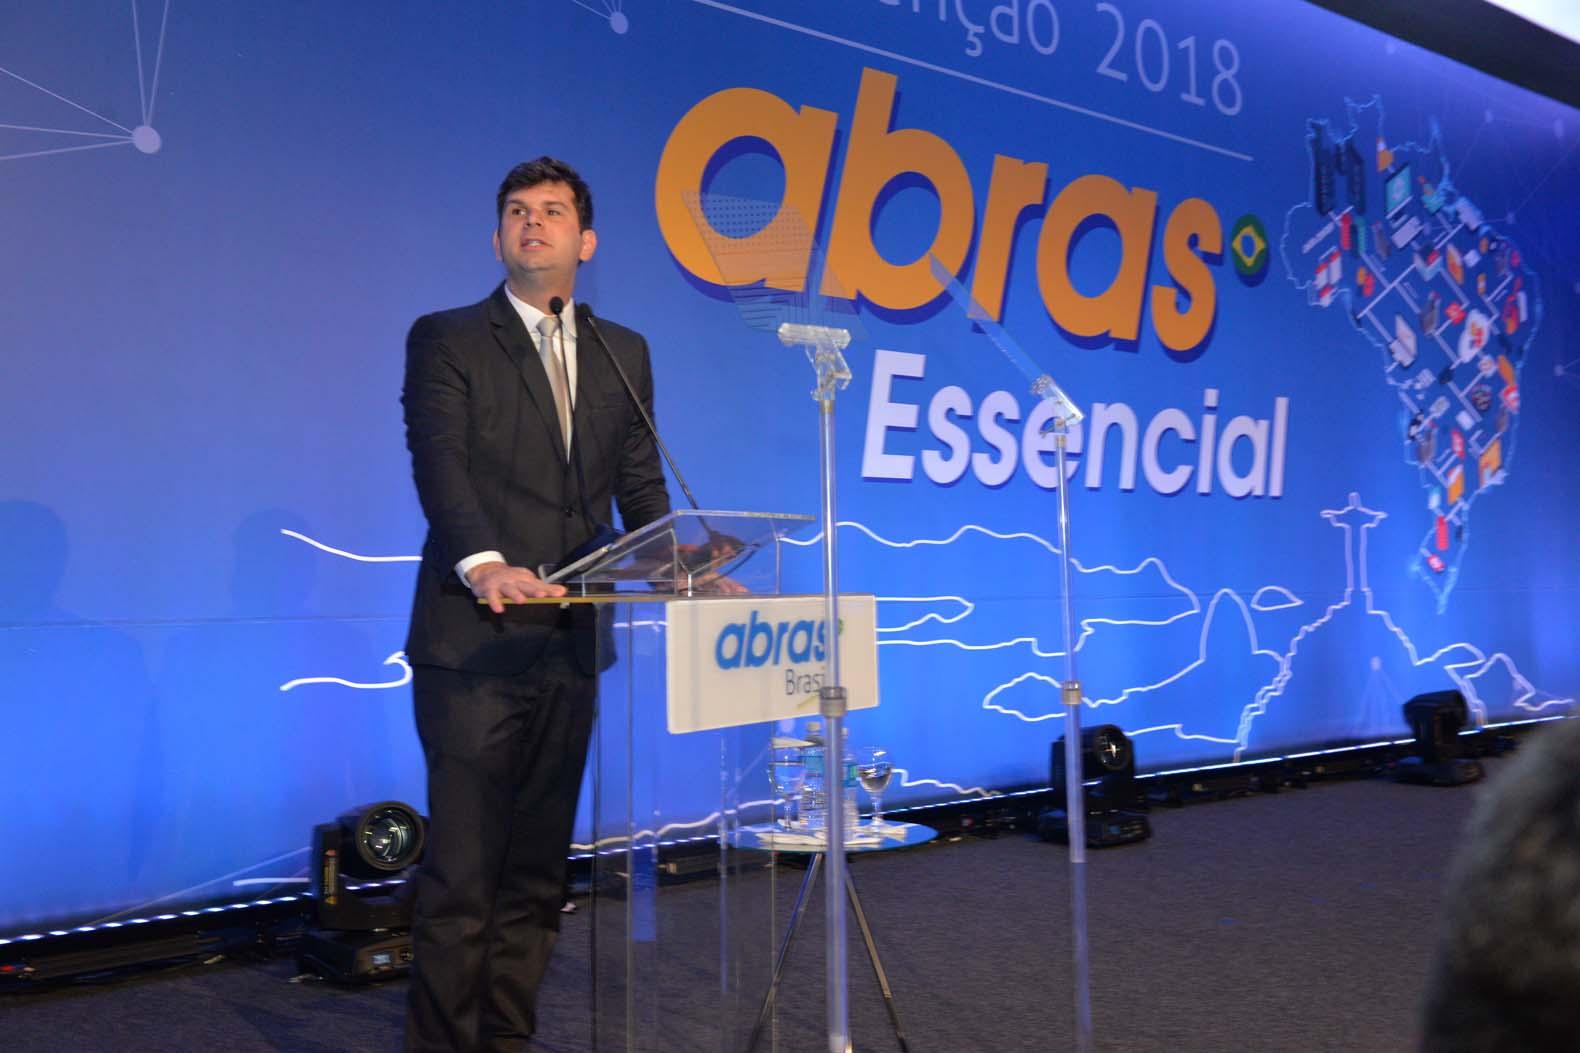 Convenção ABRAS reúne empresários e políticos em cerimônia de abertura no RJ 629221d060ce8